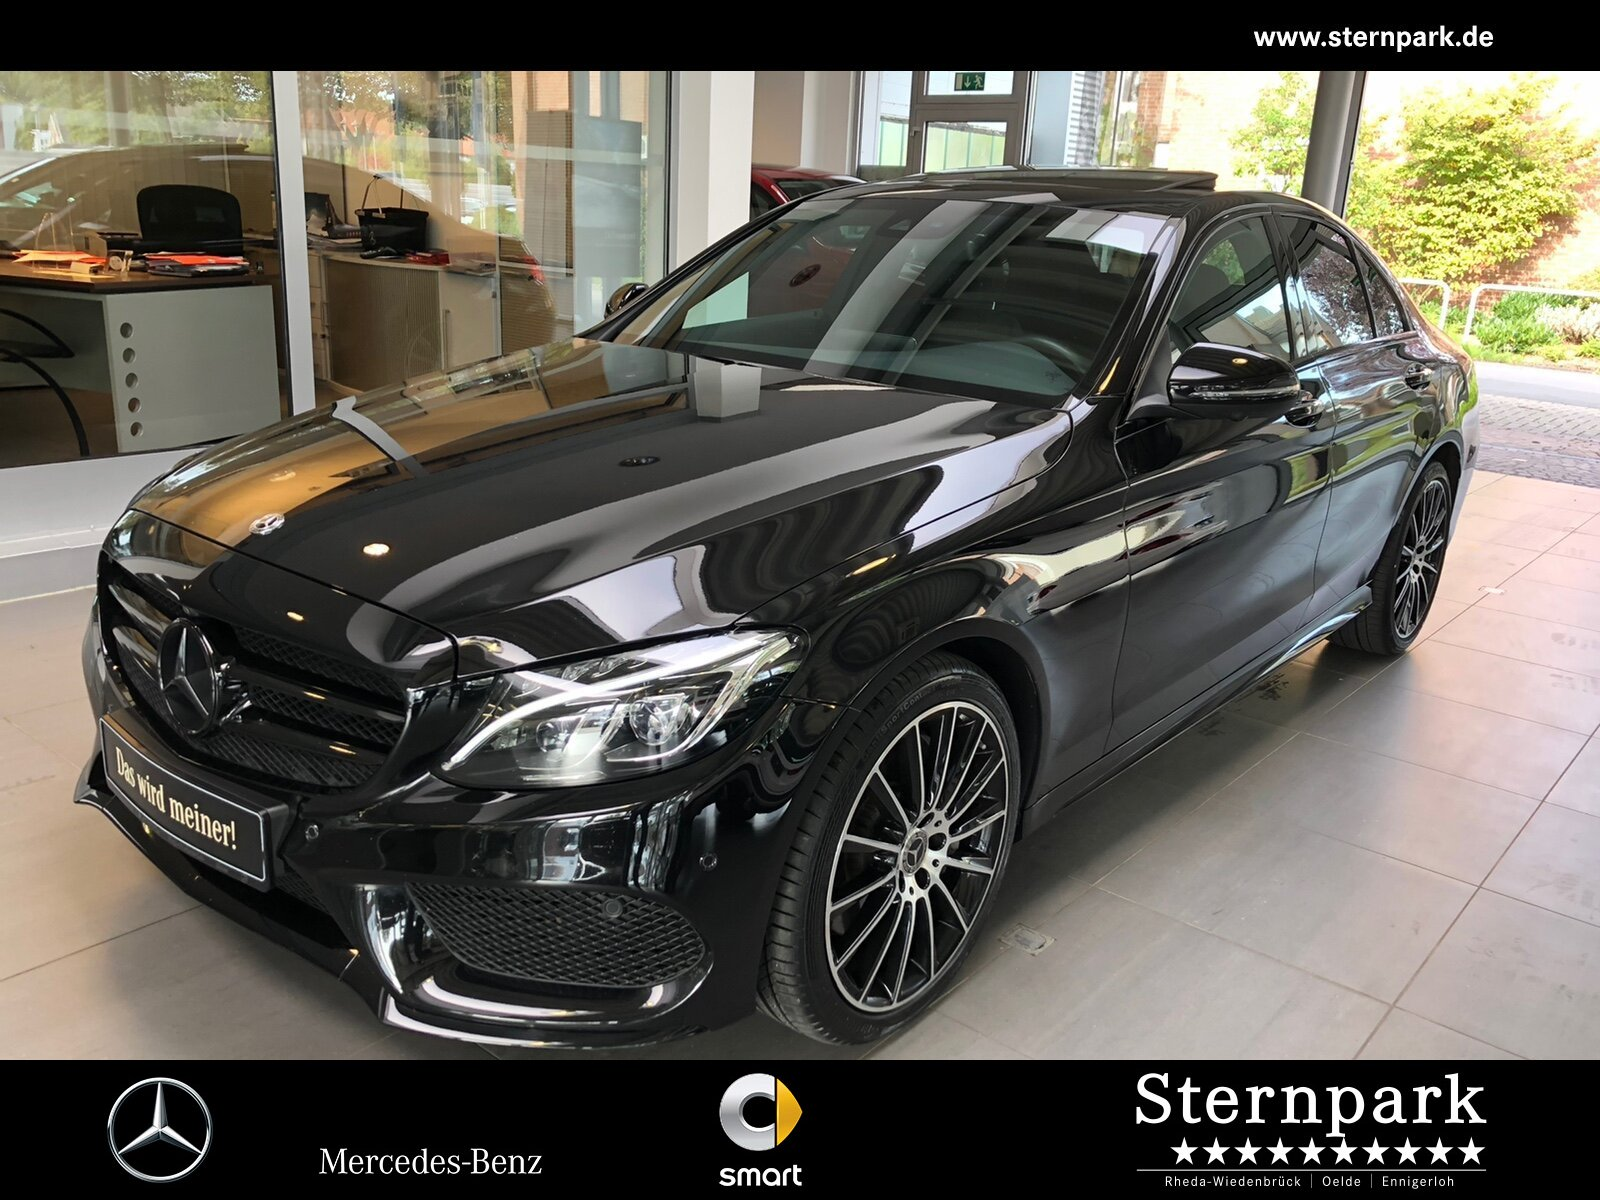 Mercedes-Benz C 400 4M AMG Comand*GSD*360°Kamera*MULTIBEAM BC, Jahr 2018, Benzin